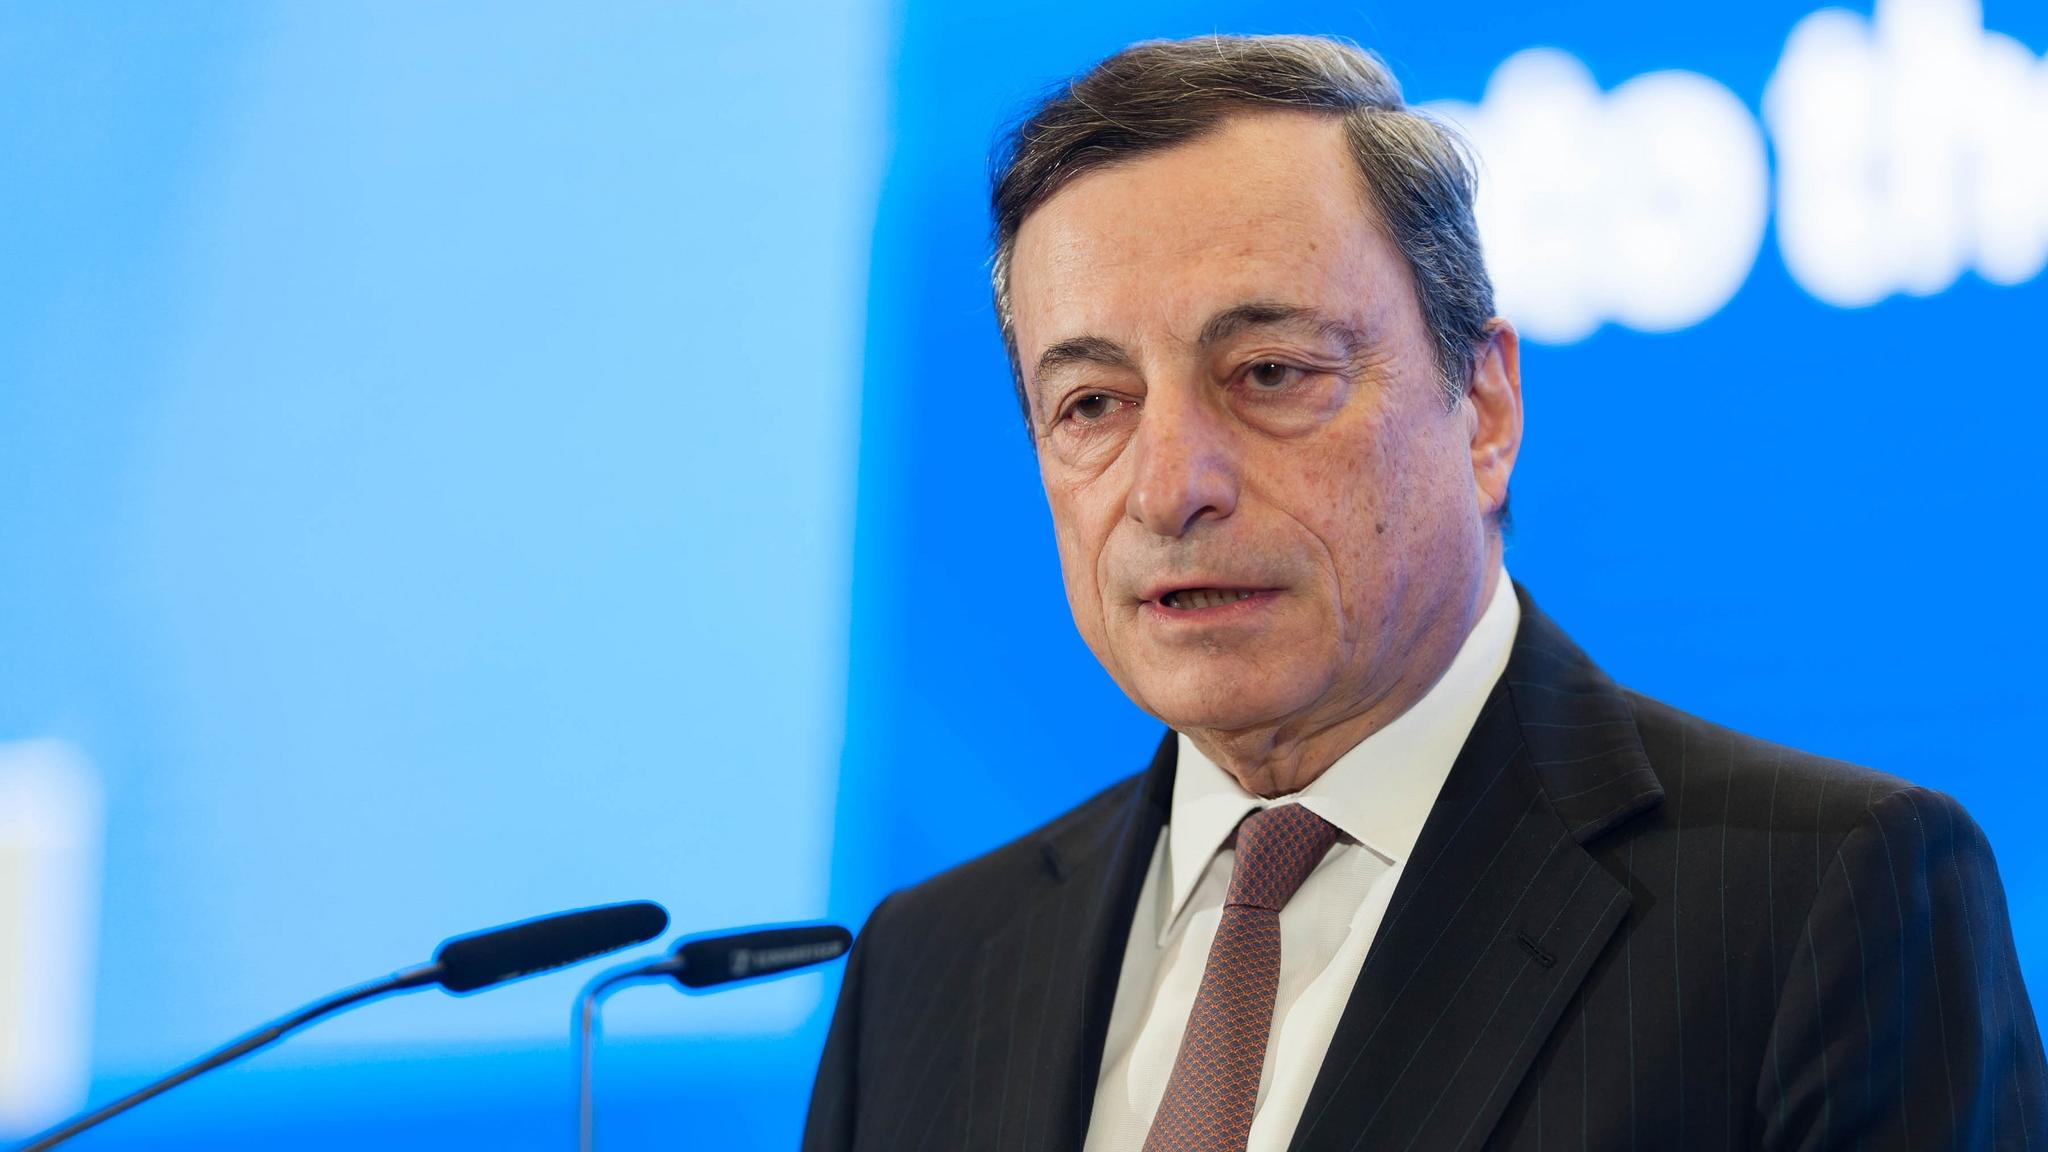 BCE mantiene tasa de interés dirigente en 0.0%